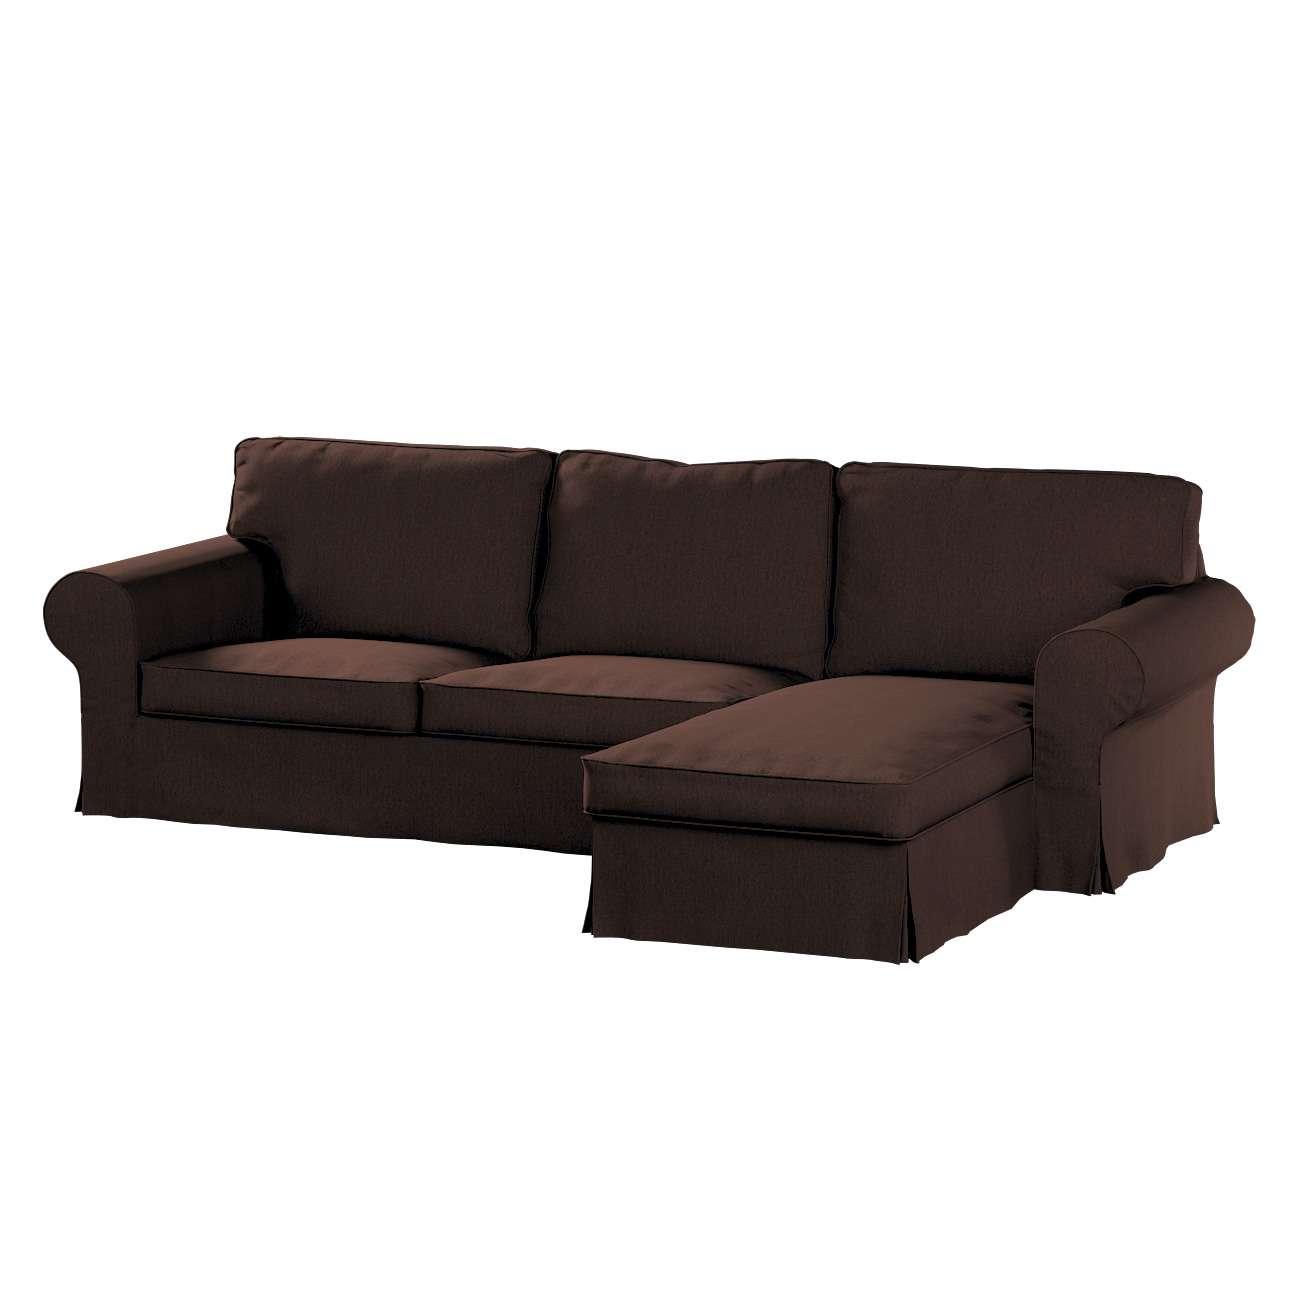 Ektorp dvivietės sofos su gulimuoju krėslu užvalkalas Ikea Ektorp dvivietės sofos su gulimuoju krėslu užvalkalas kolekcijoje Chenille, audinys: 702-18